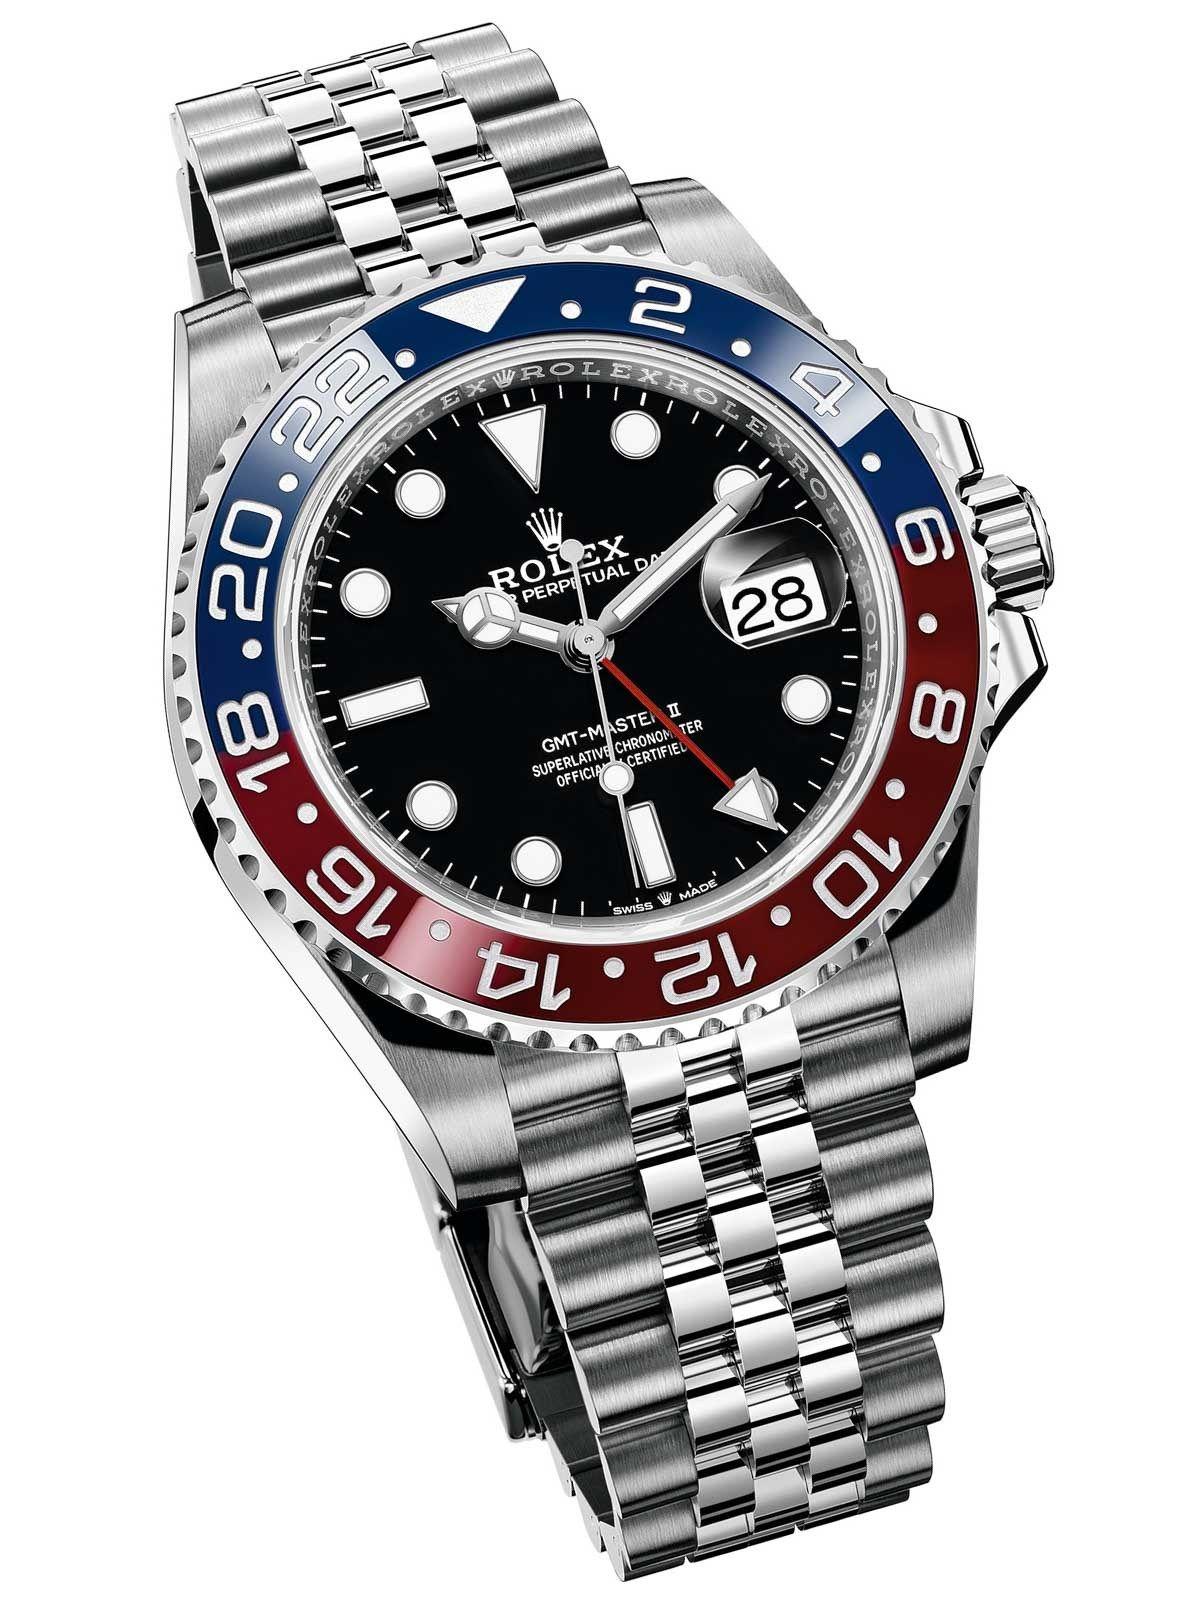 Rolex Gmt Master Ii Pepsi Ref 126710 Blro In Oystersteel On Jubilee For 2018 Ablogtowatch Rolex Gmt Rolex Watches Rolex